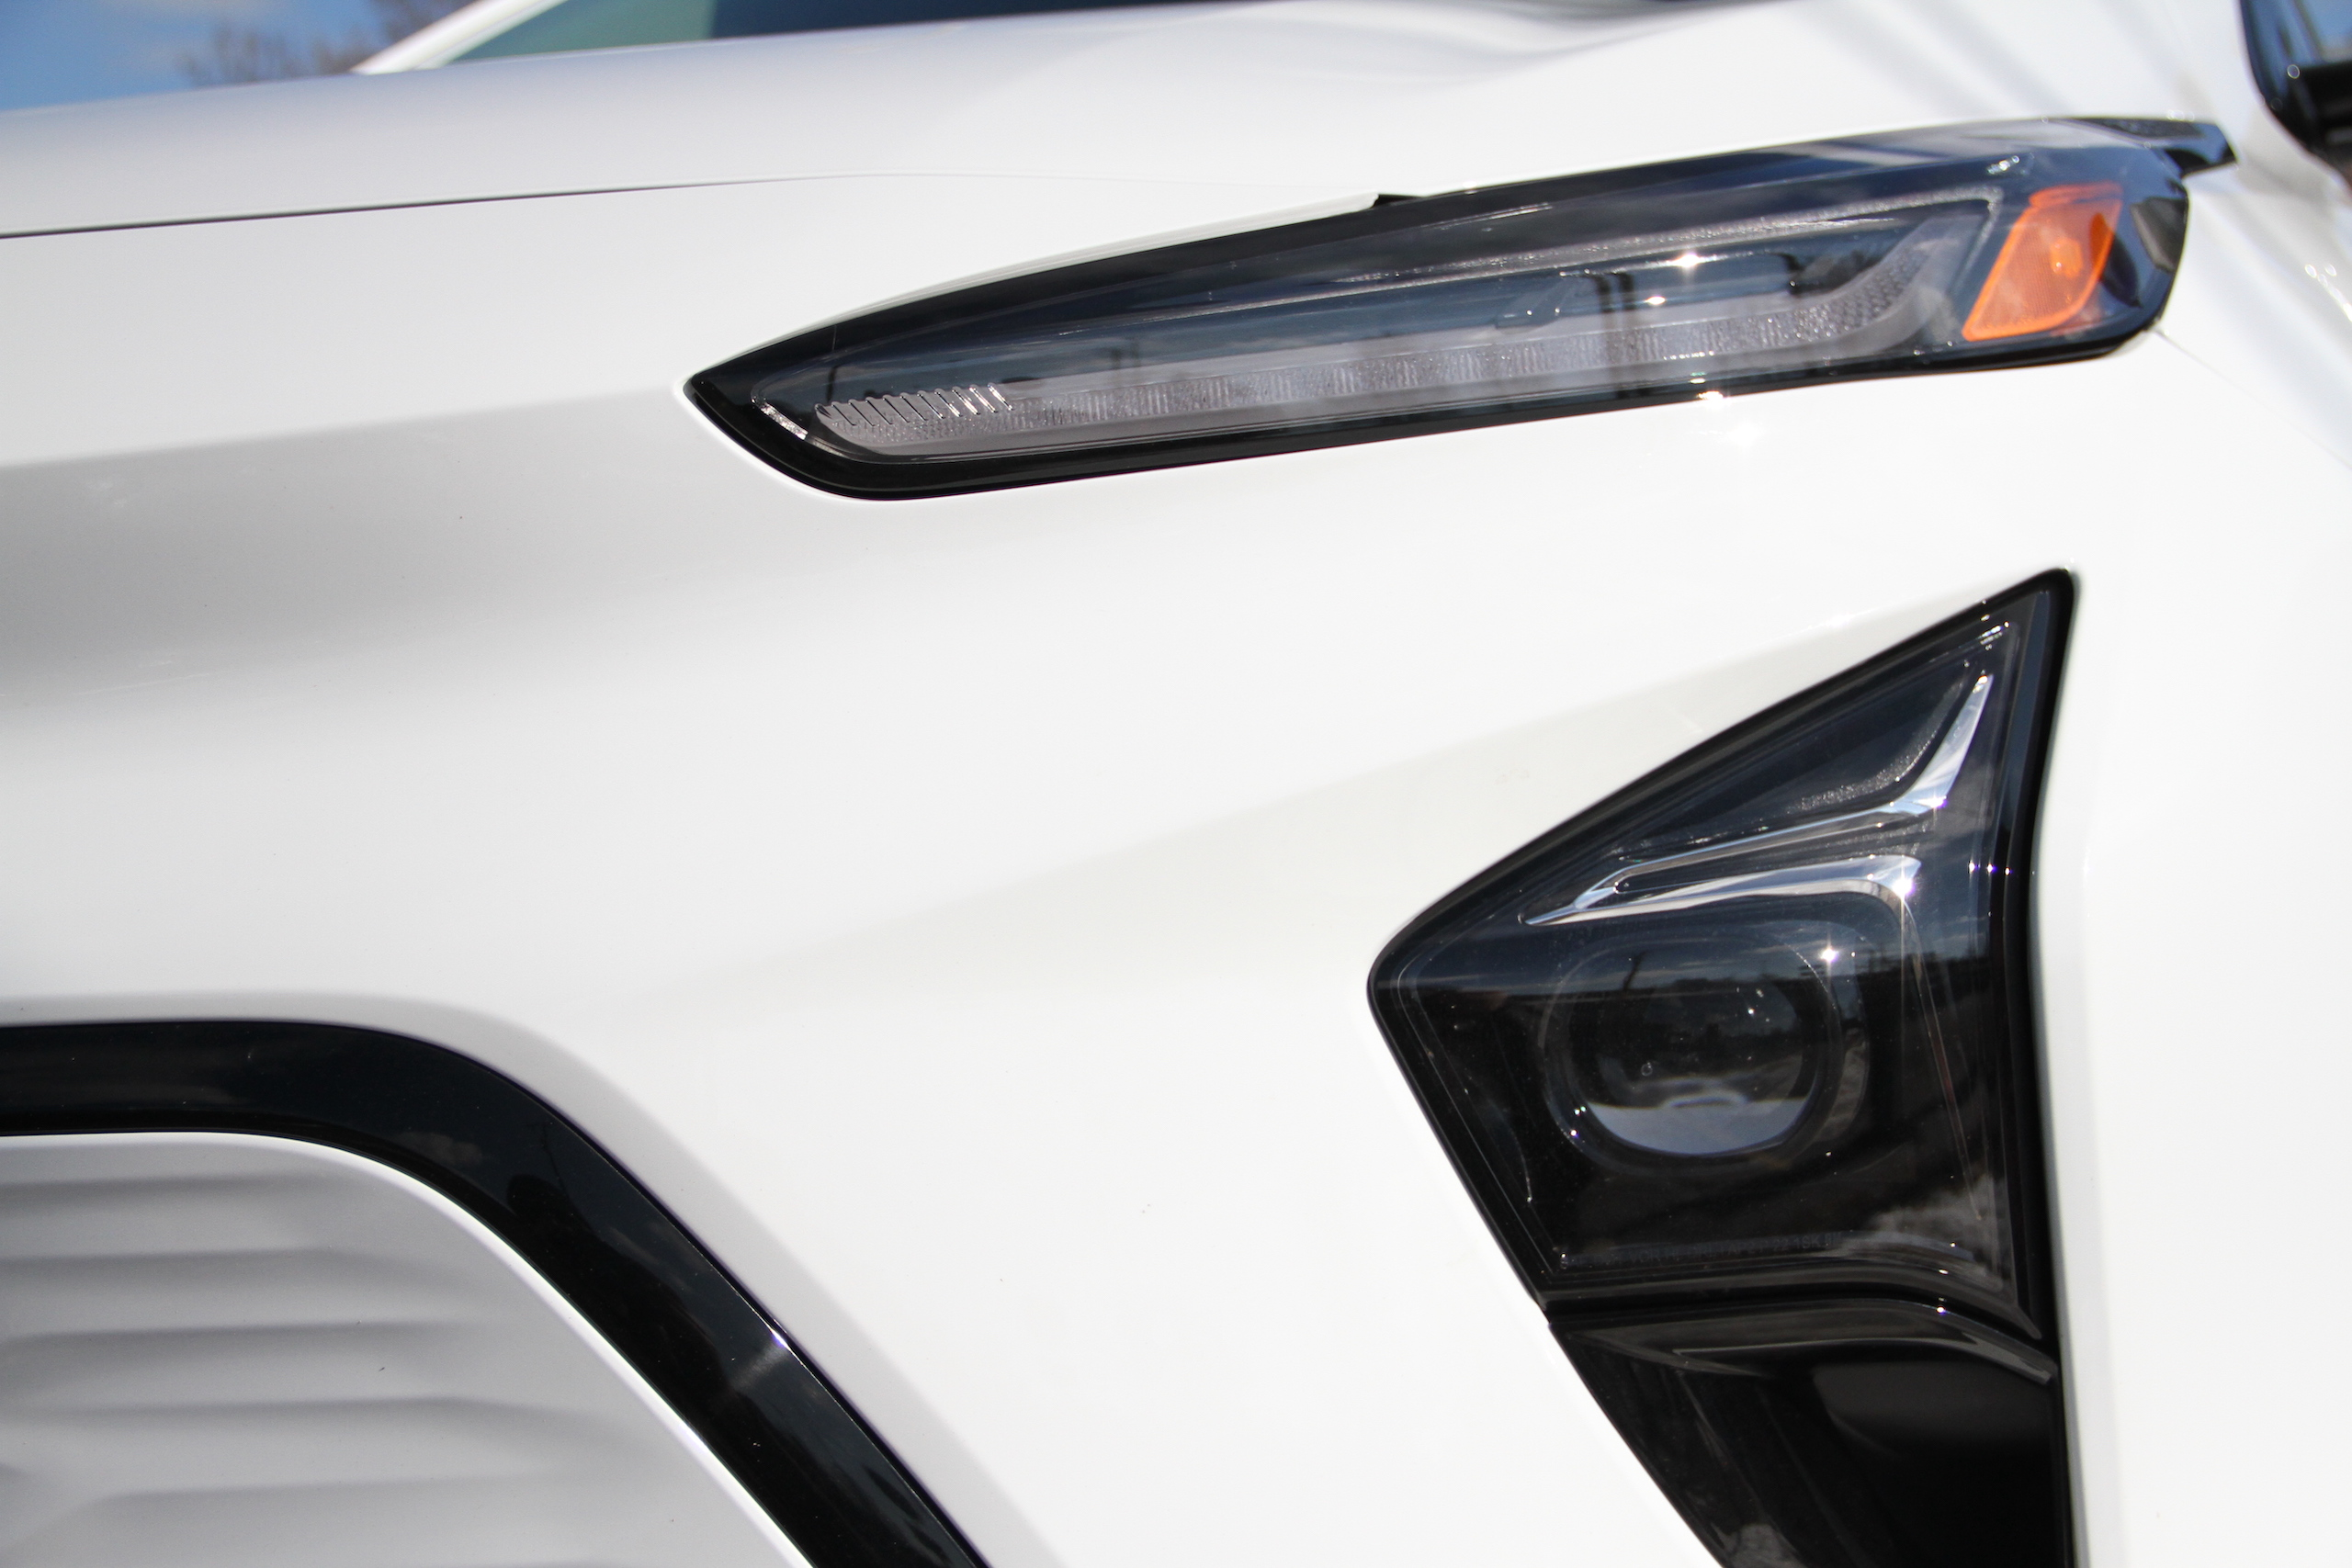 2022 Bolt EUV headlight foglight detail